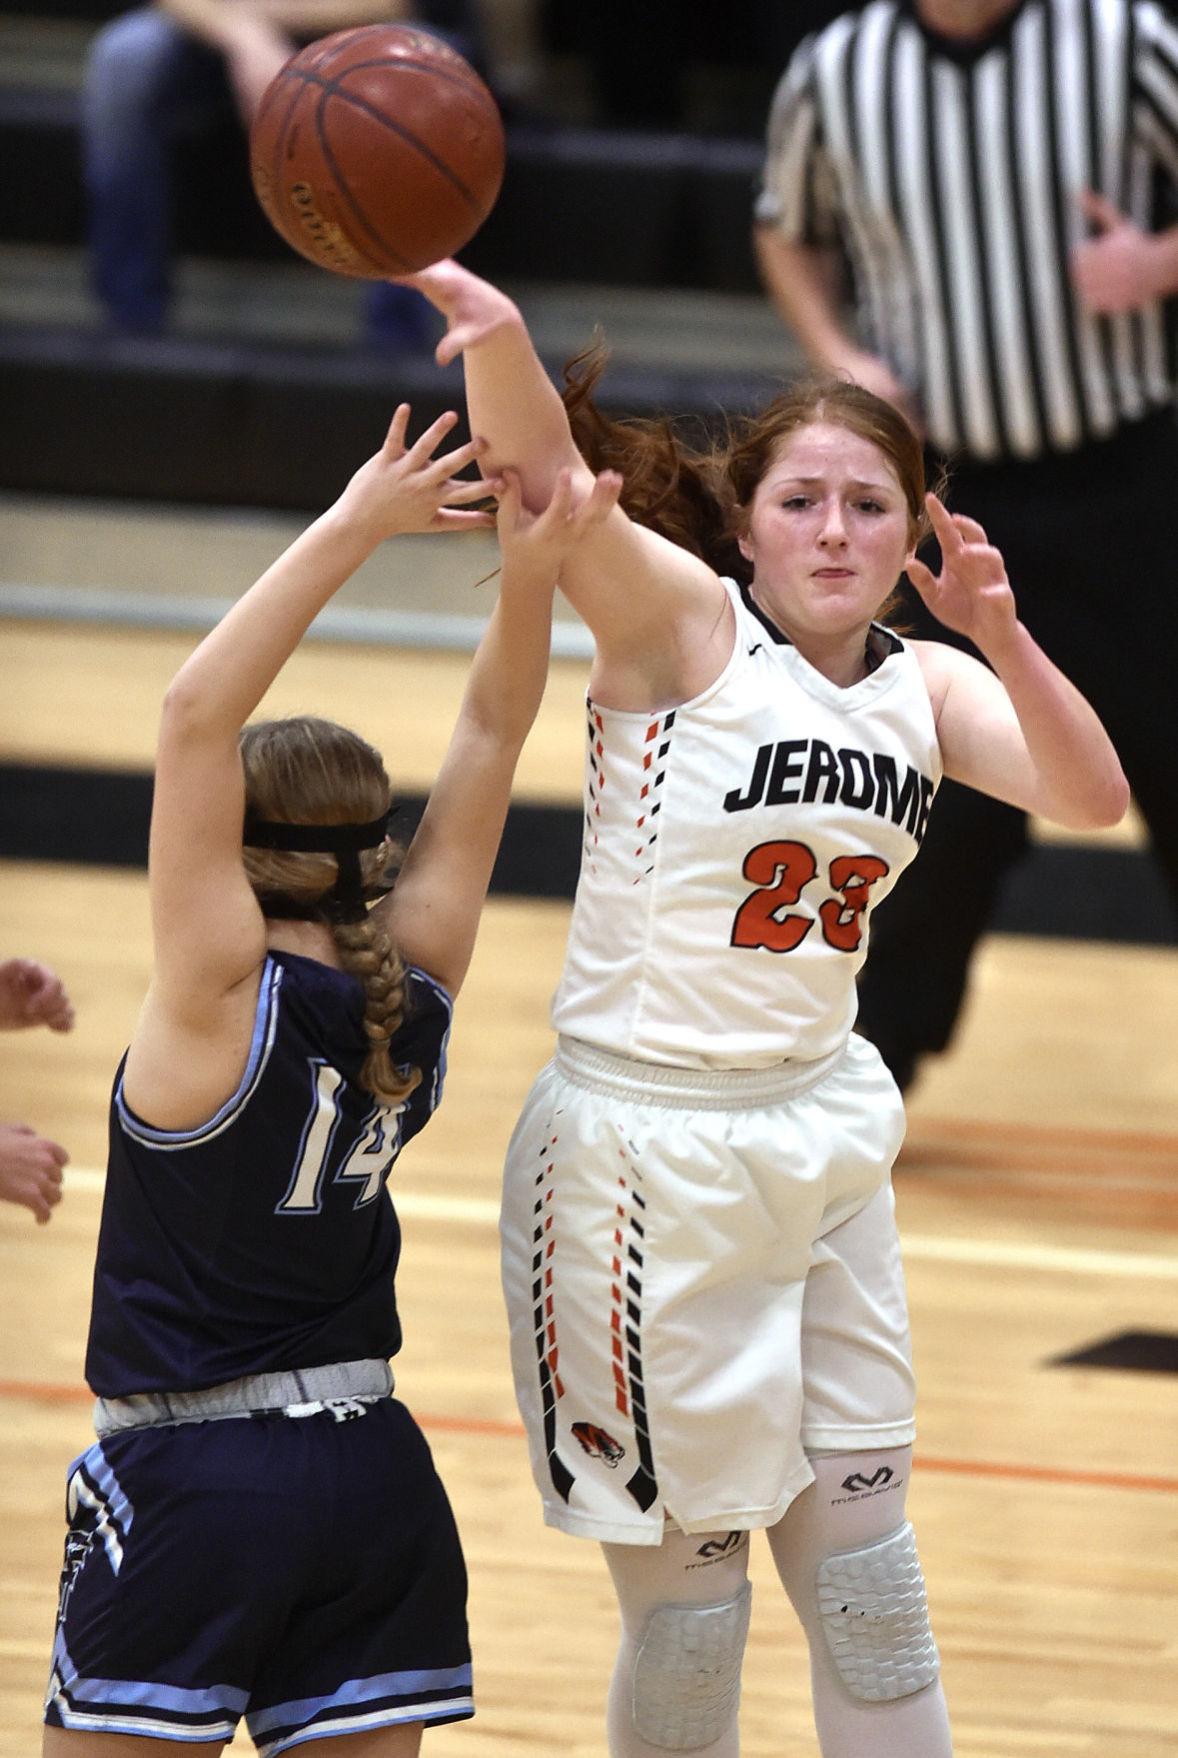 Girls Basketball -Twin Falls Vs. Jerome